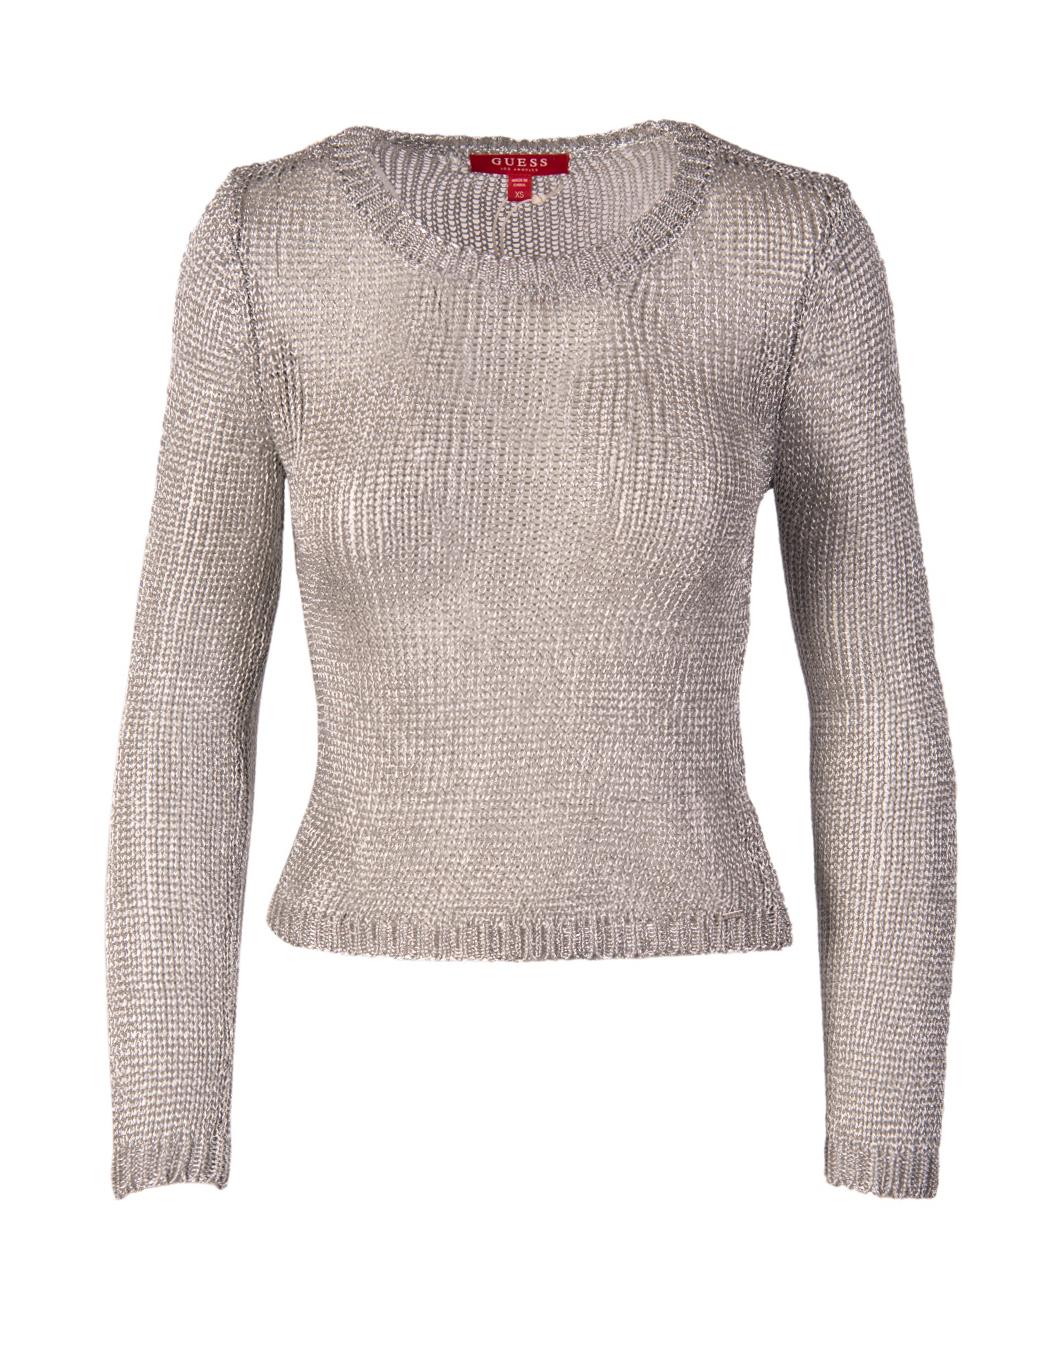 Guess dámský svetr stříbrný průhledný Velikost: XS